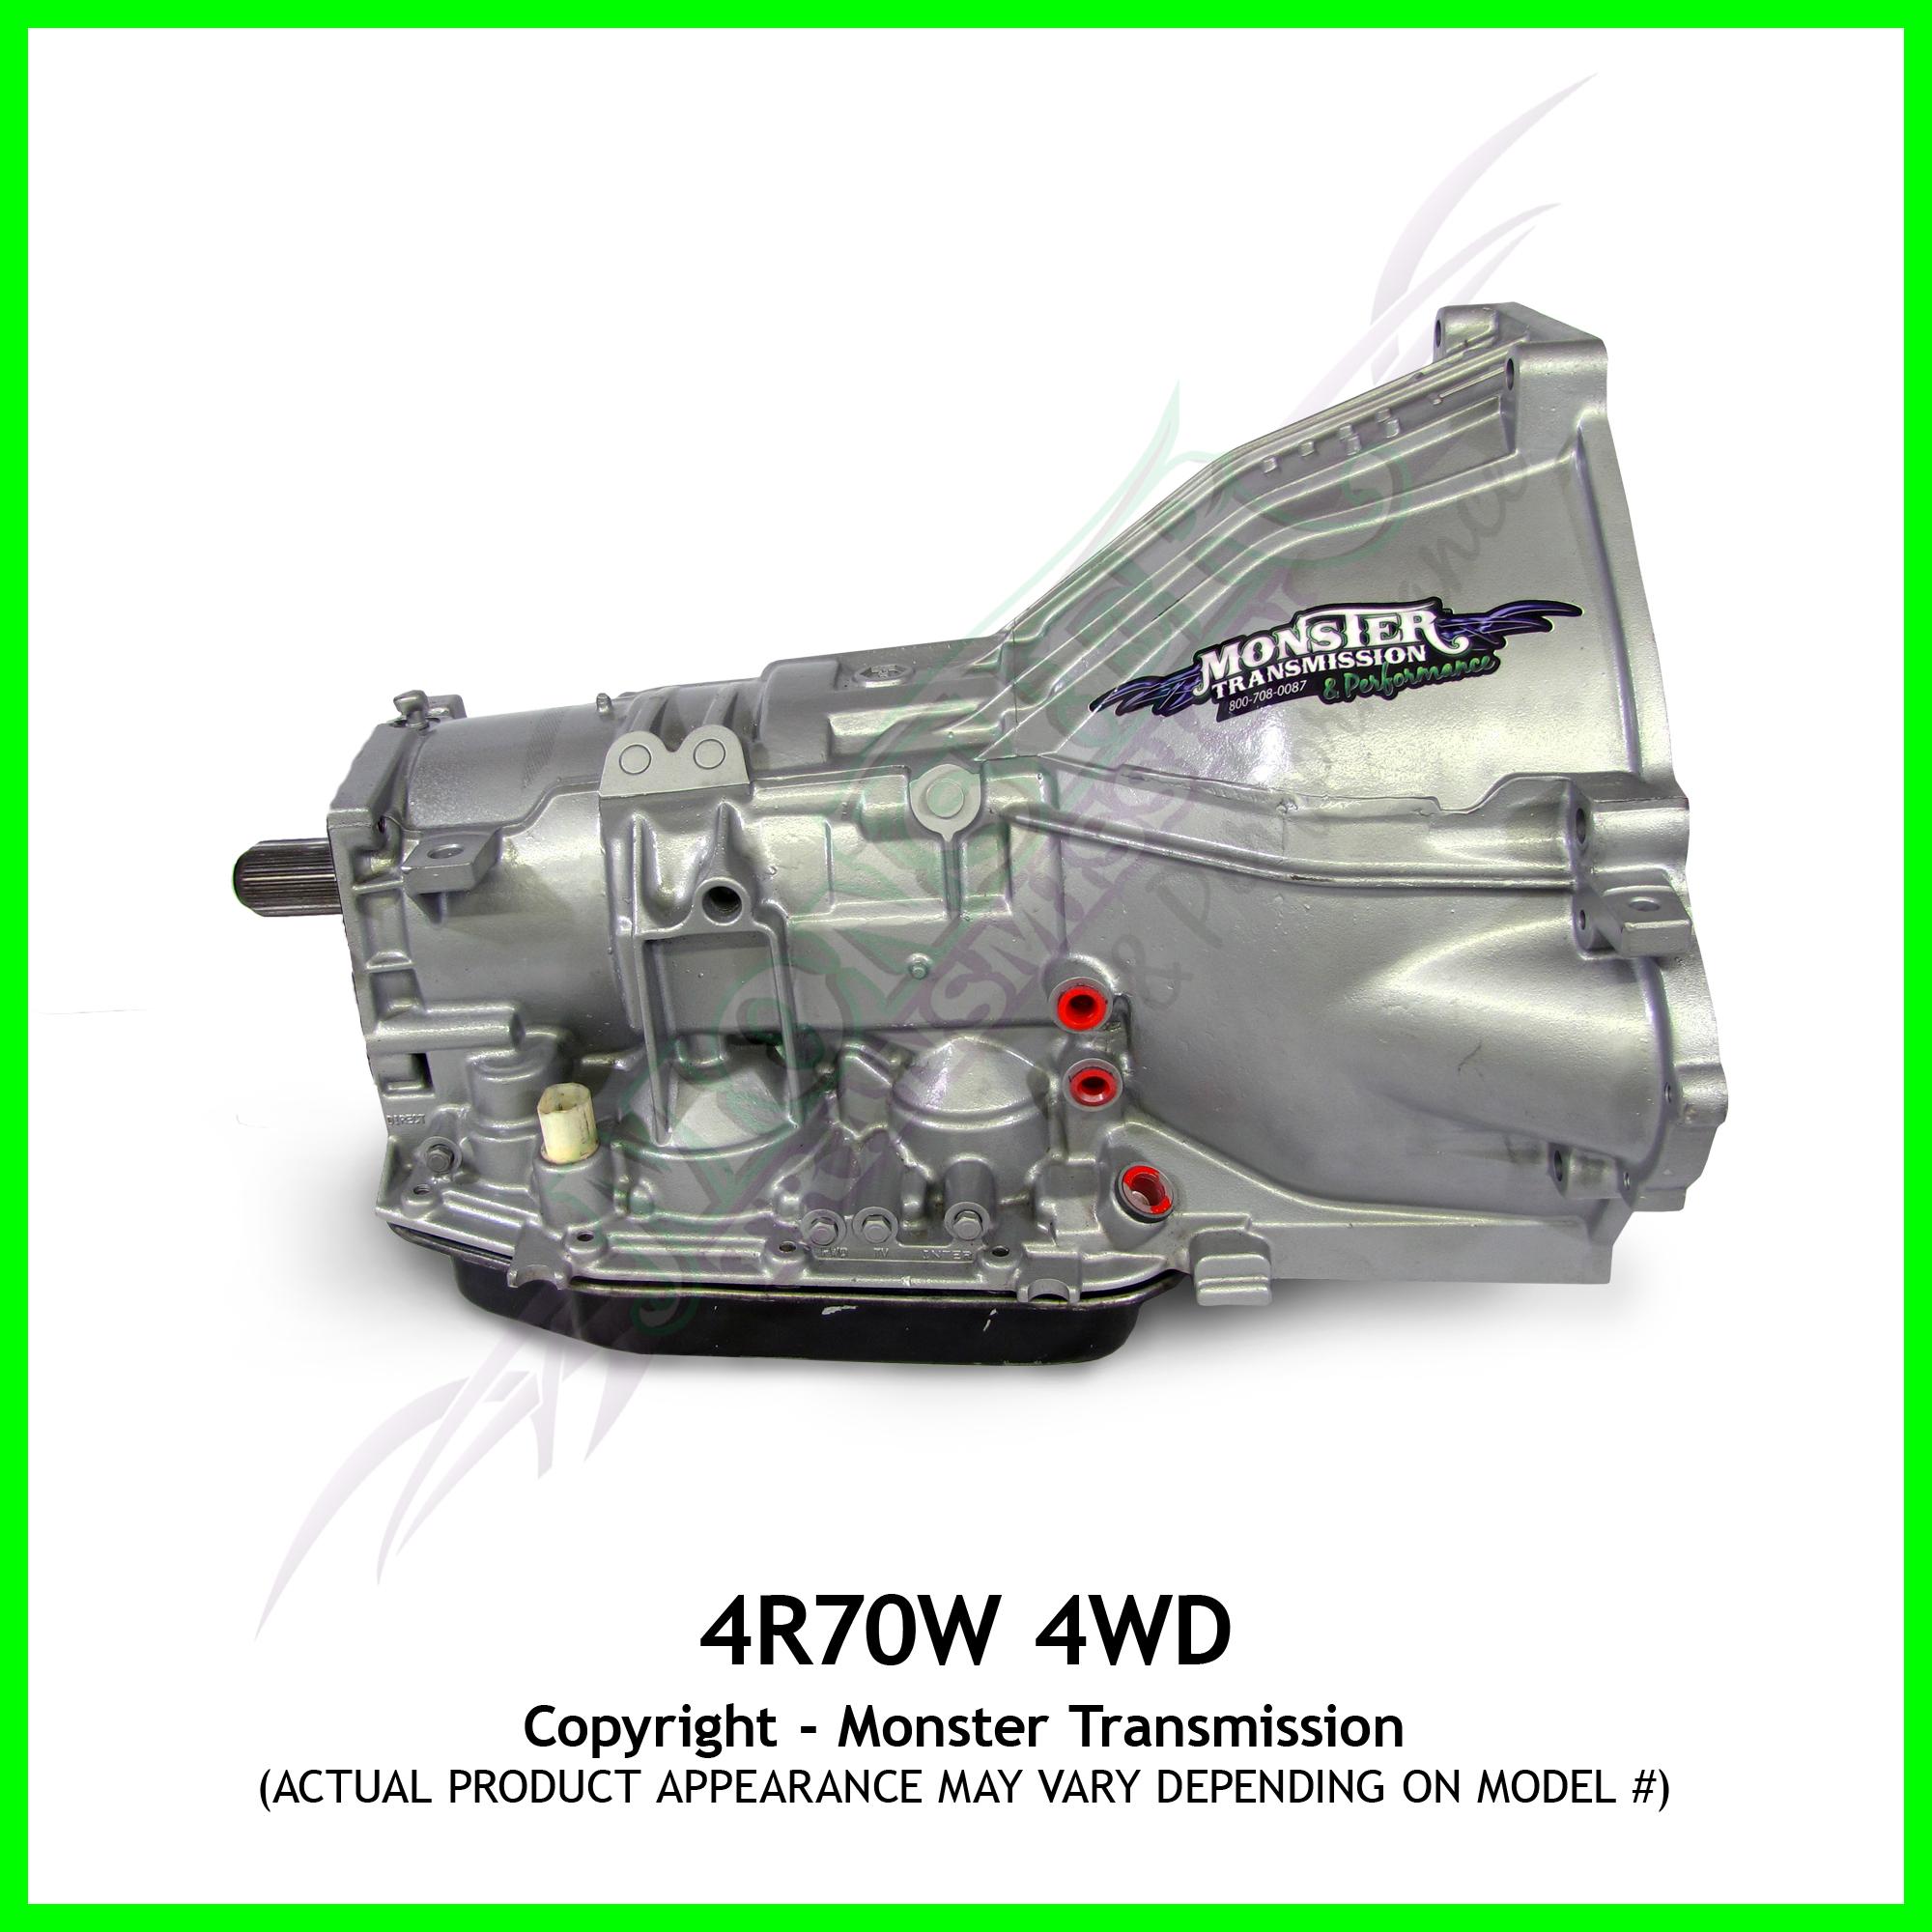 4R70W Super Duty Performance Transmission 4WD